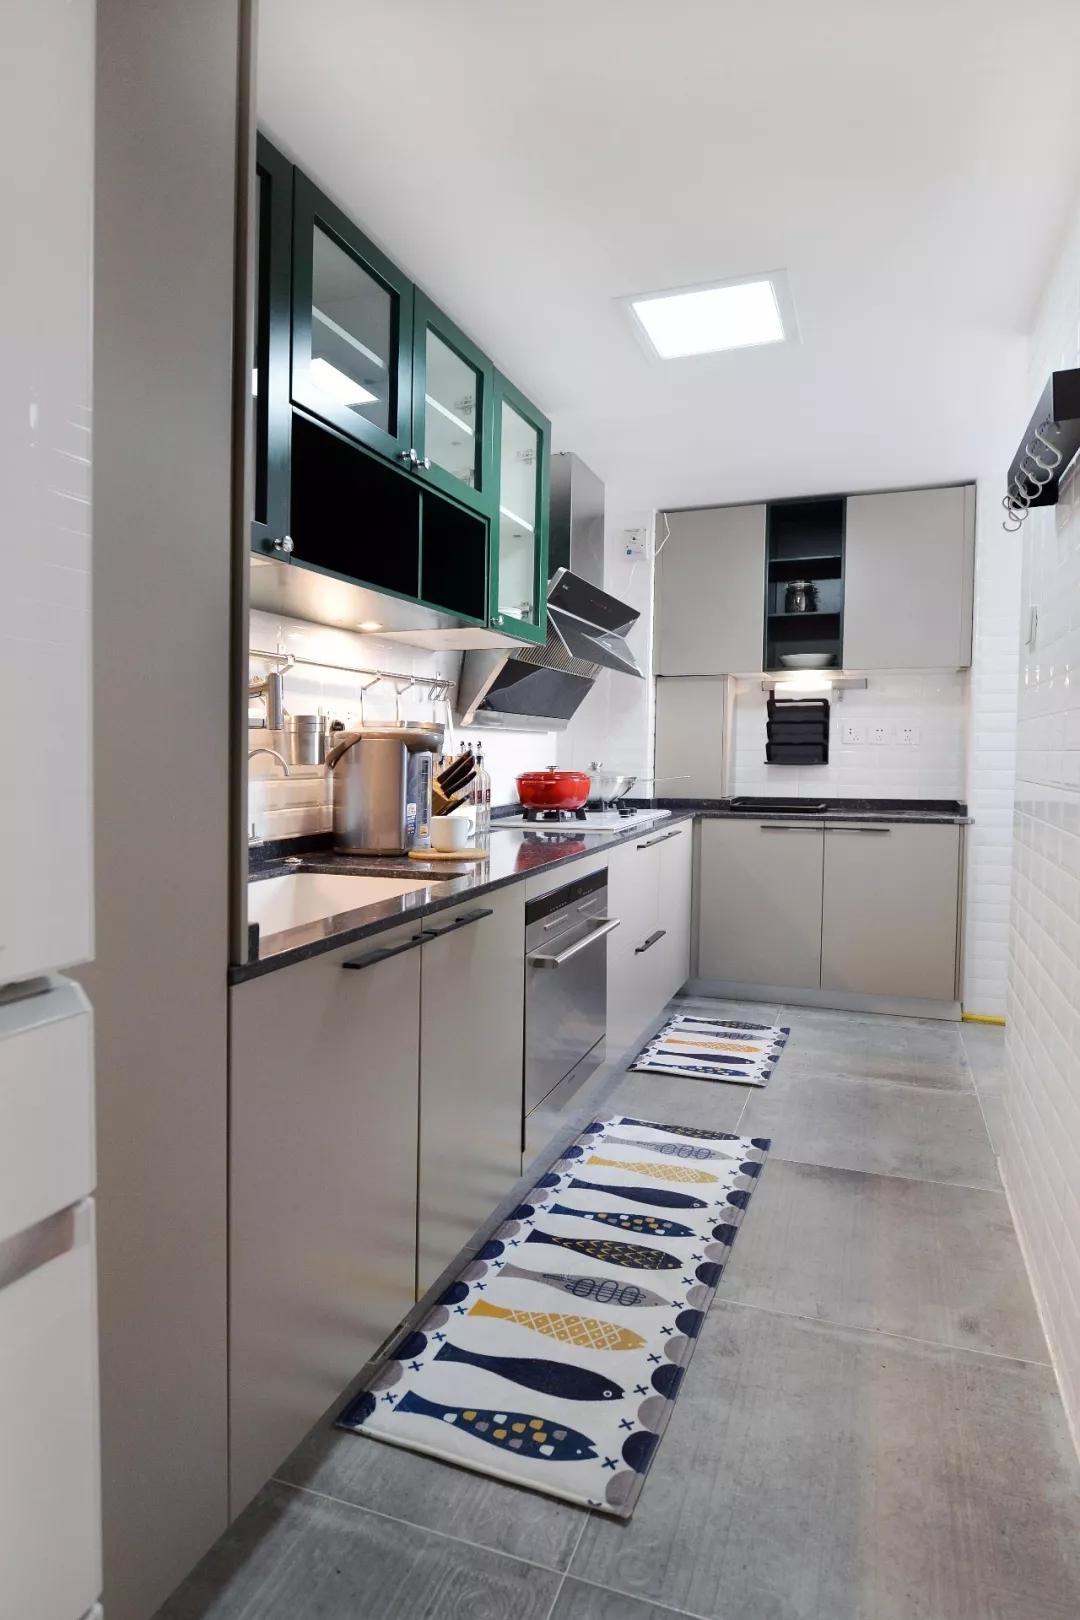 厨房吊柜延续了客厅的墨绿色的复古高雅;鱼形地毯放置厨房,非常应景。